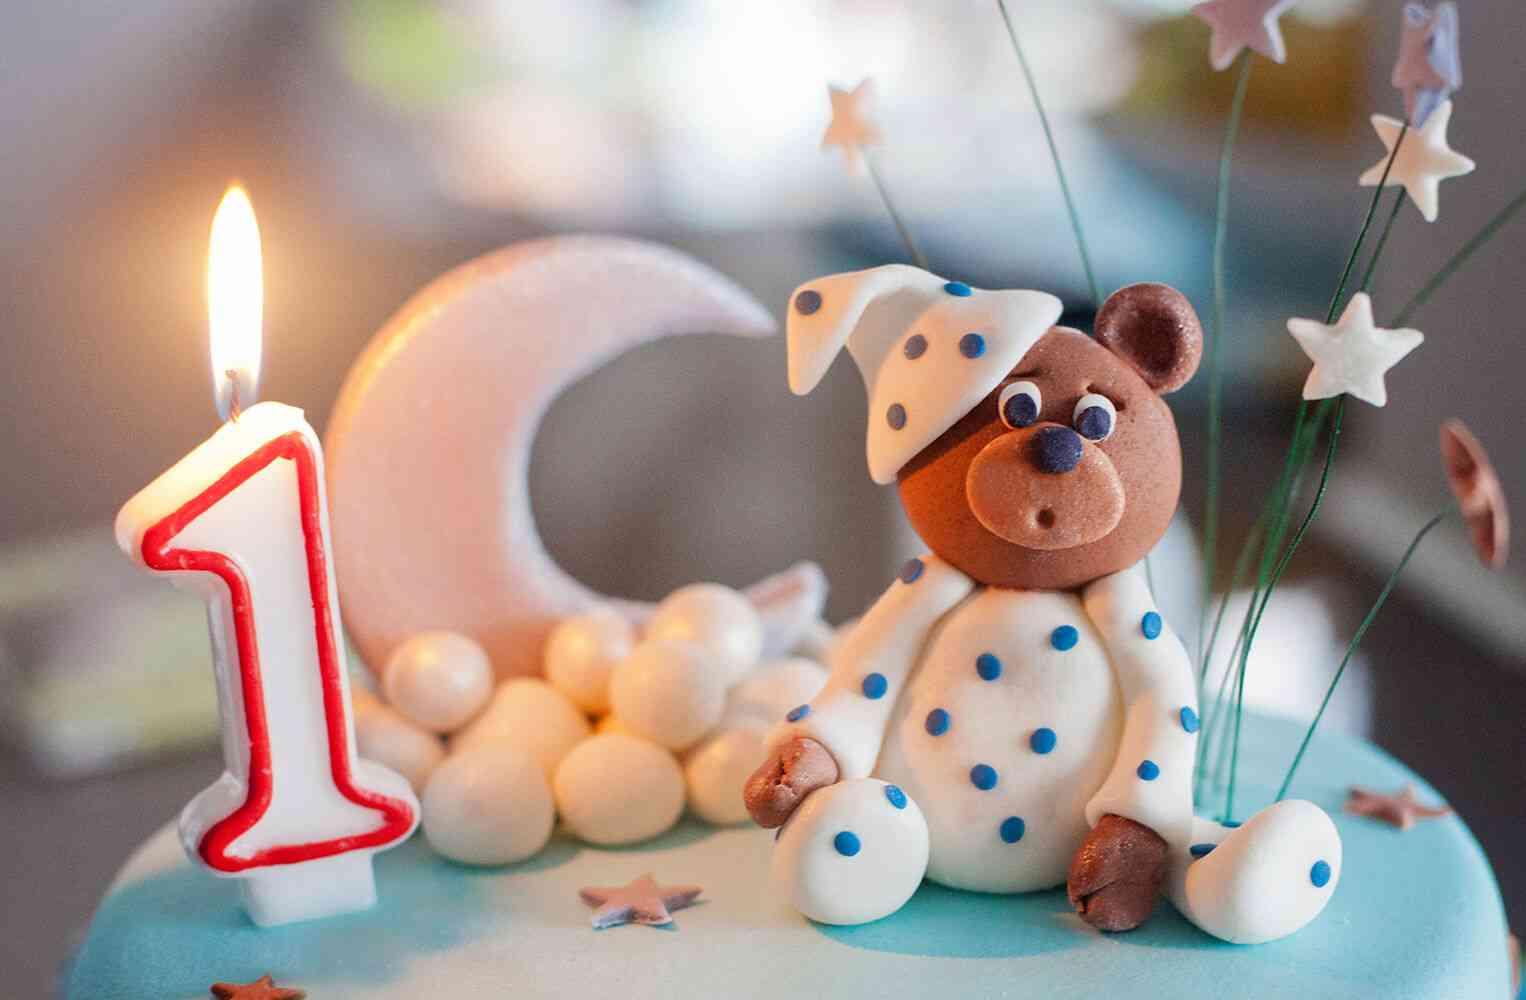 Поздравление с днем рождения сына 1 год картинка, открытки